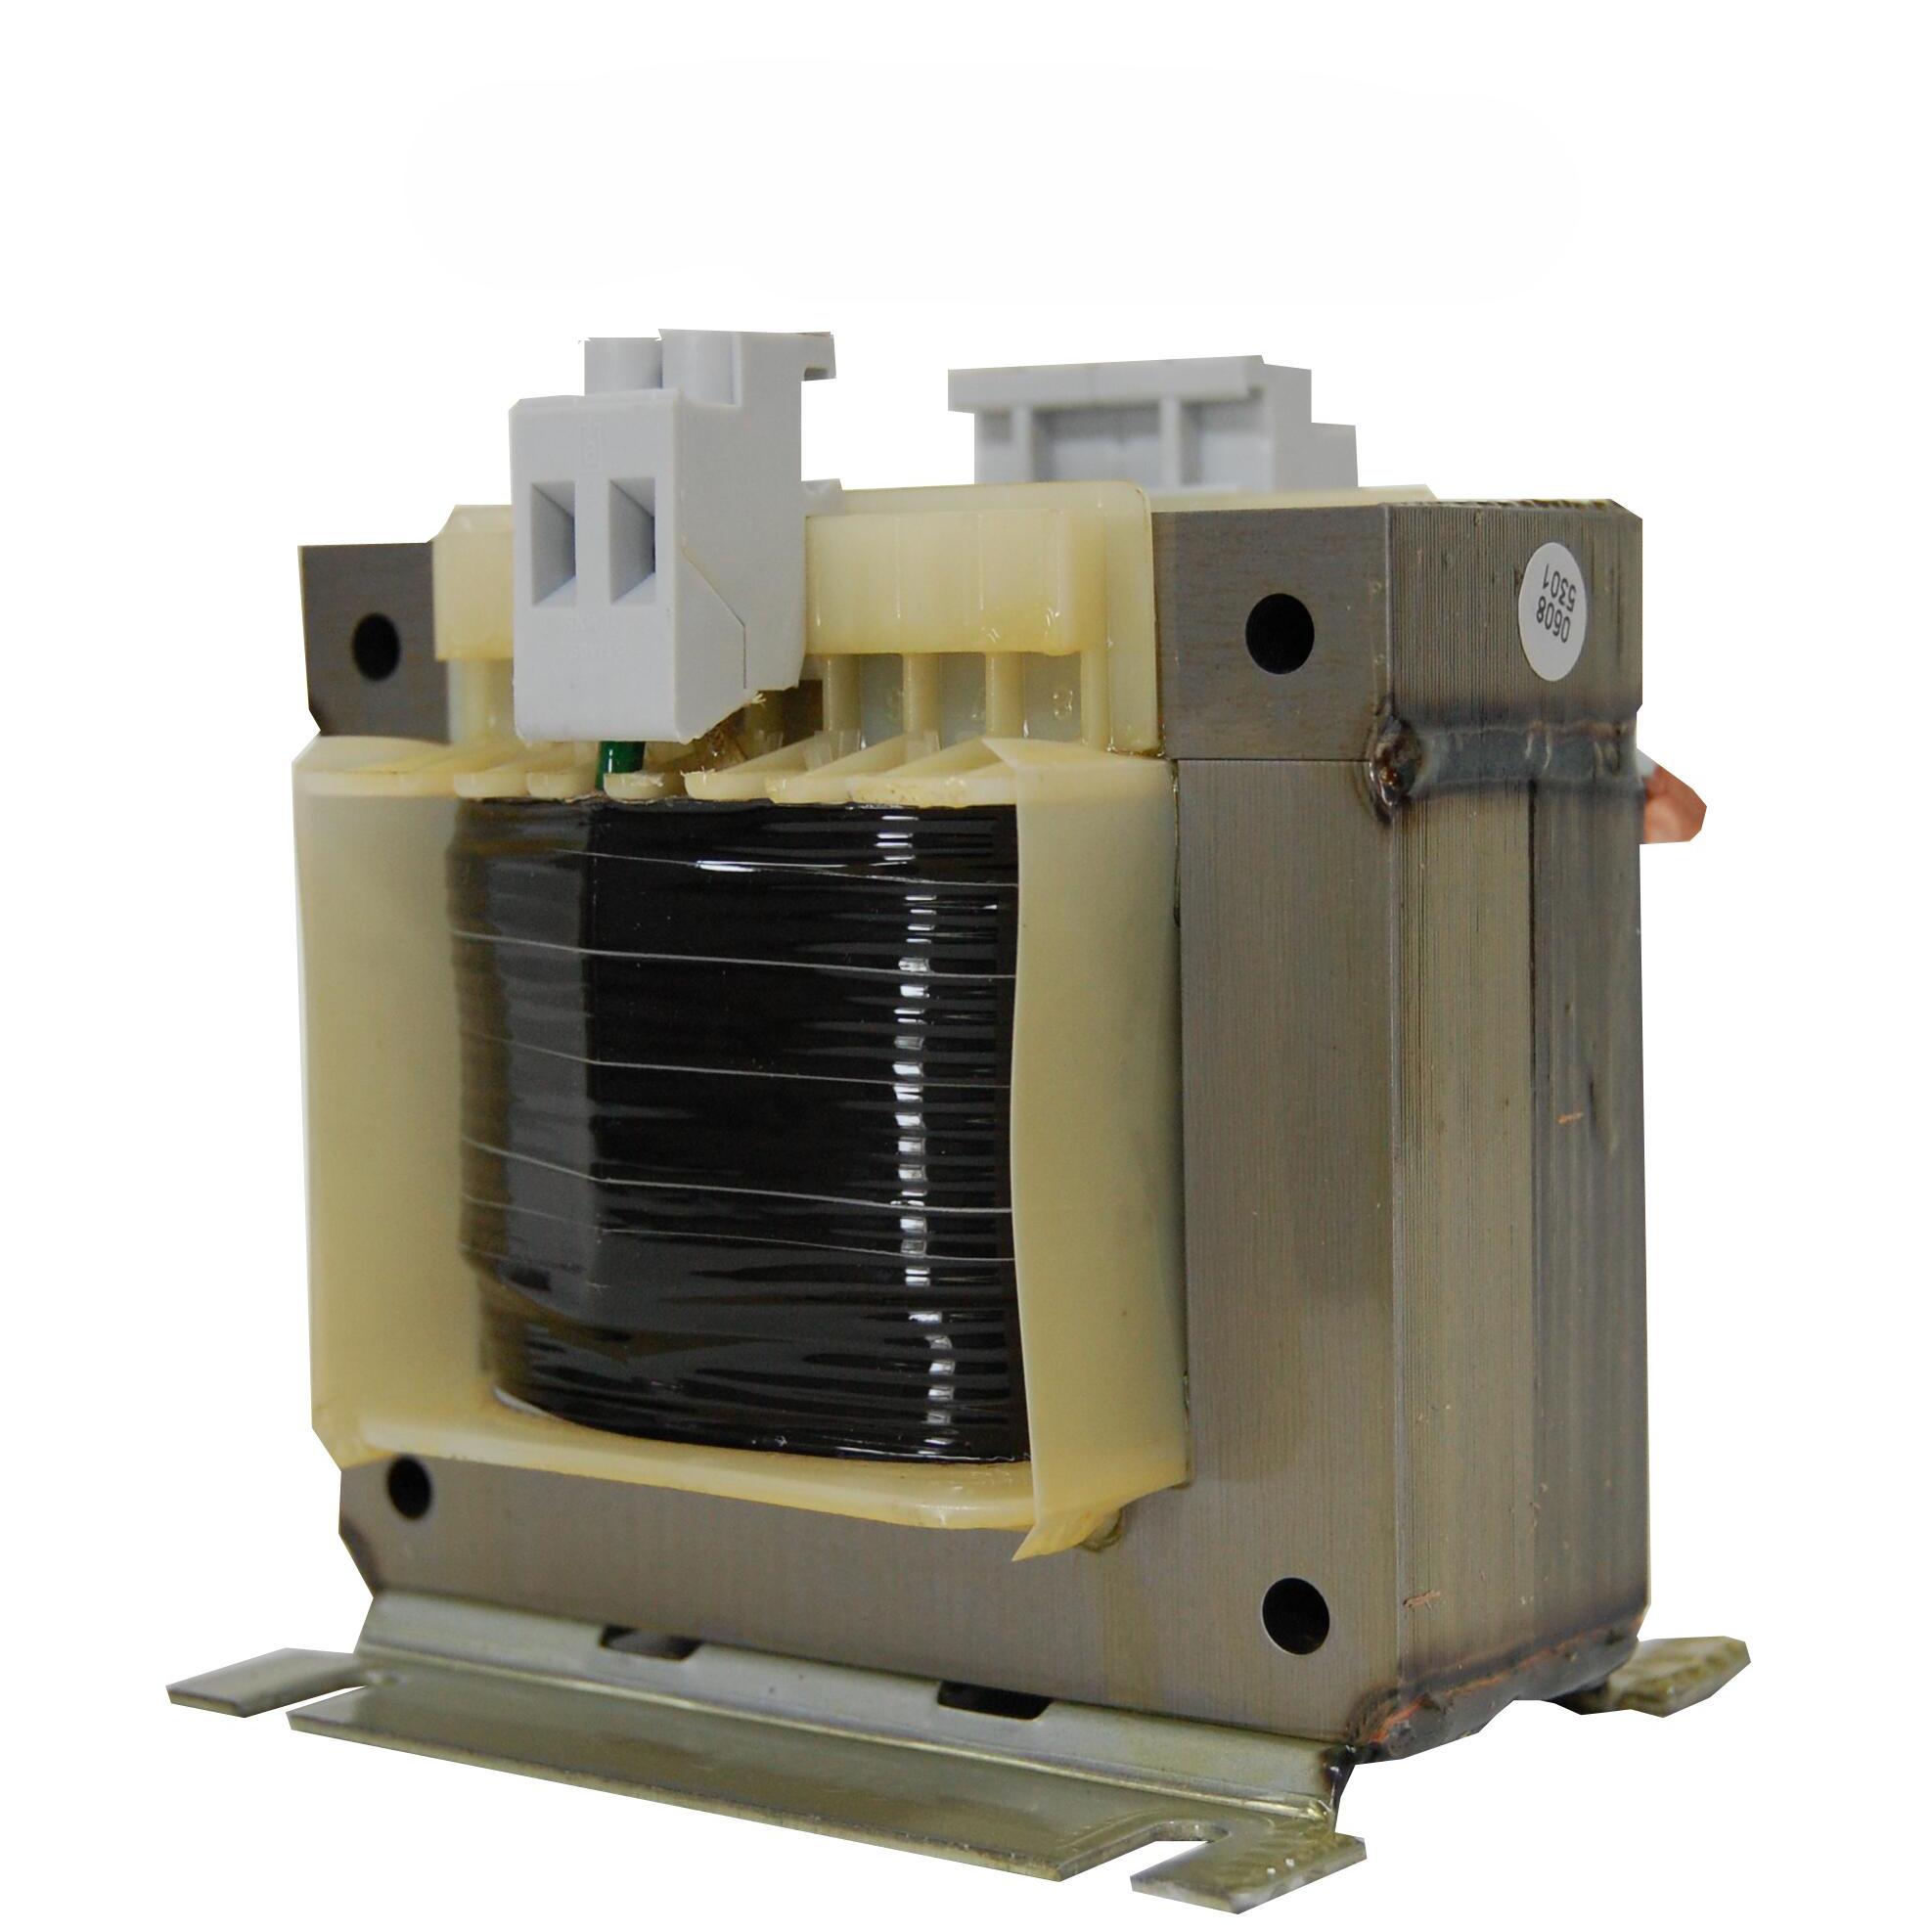 1 Stk Einphasen Steuertransformator 400/230V, 2500VA, IP00 LP604250T-